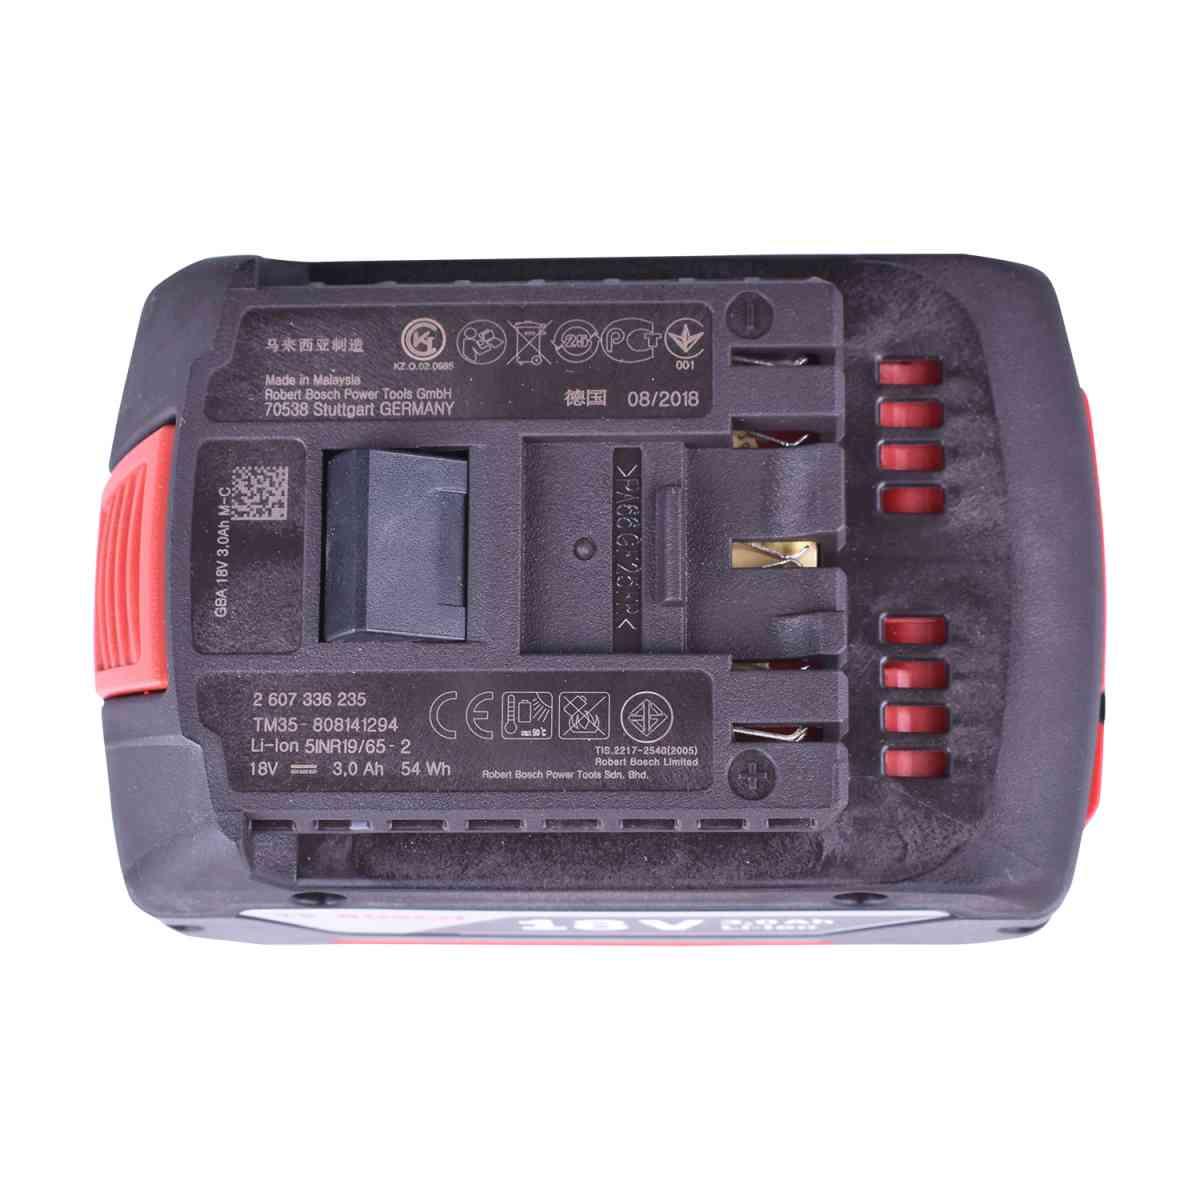 """Chave de Impacto 1/4"""" e 1/2"""" 18V GDX180-LI + Serra Sabre GSA18V-LI + Carregador com 2 Baterias 18V + Bolsa Para Ferramentas Bosch"""